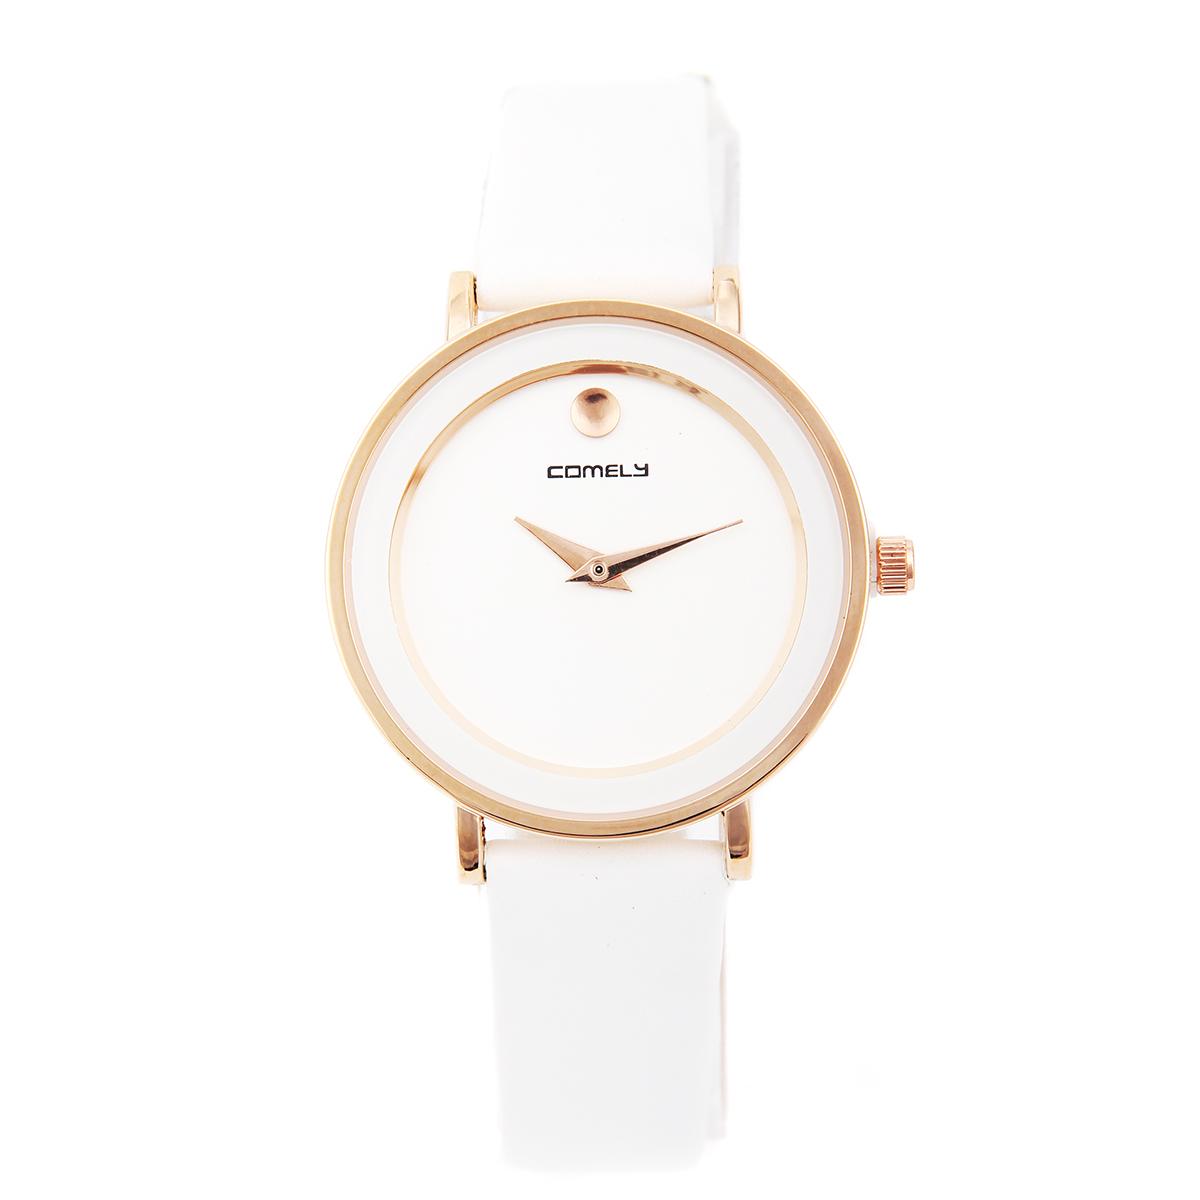 ساعت زنانه برند کاملی کد W1067